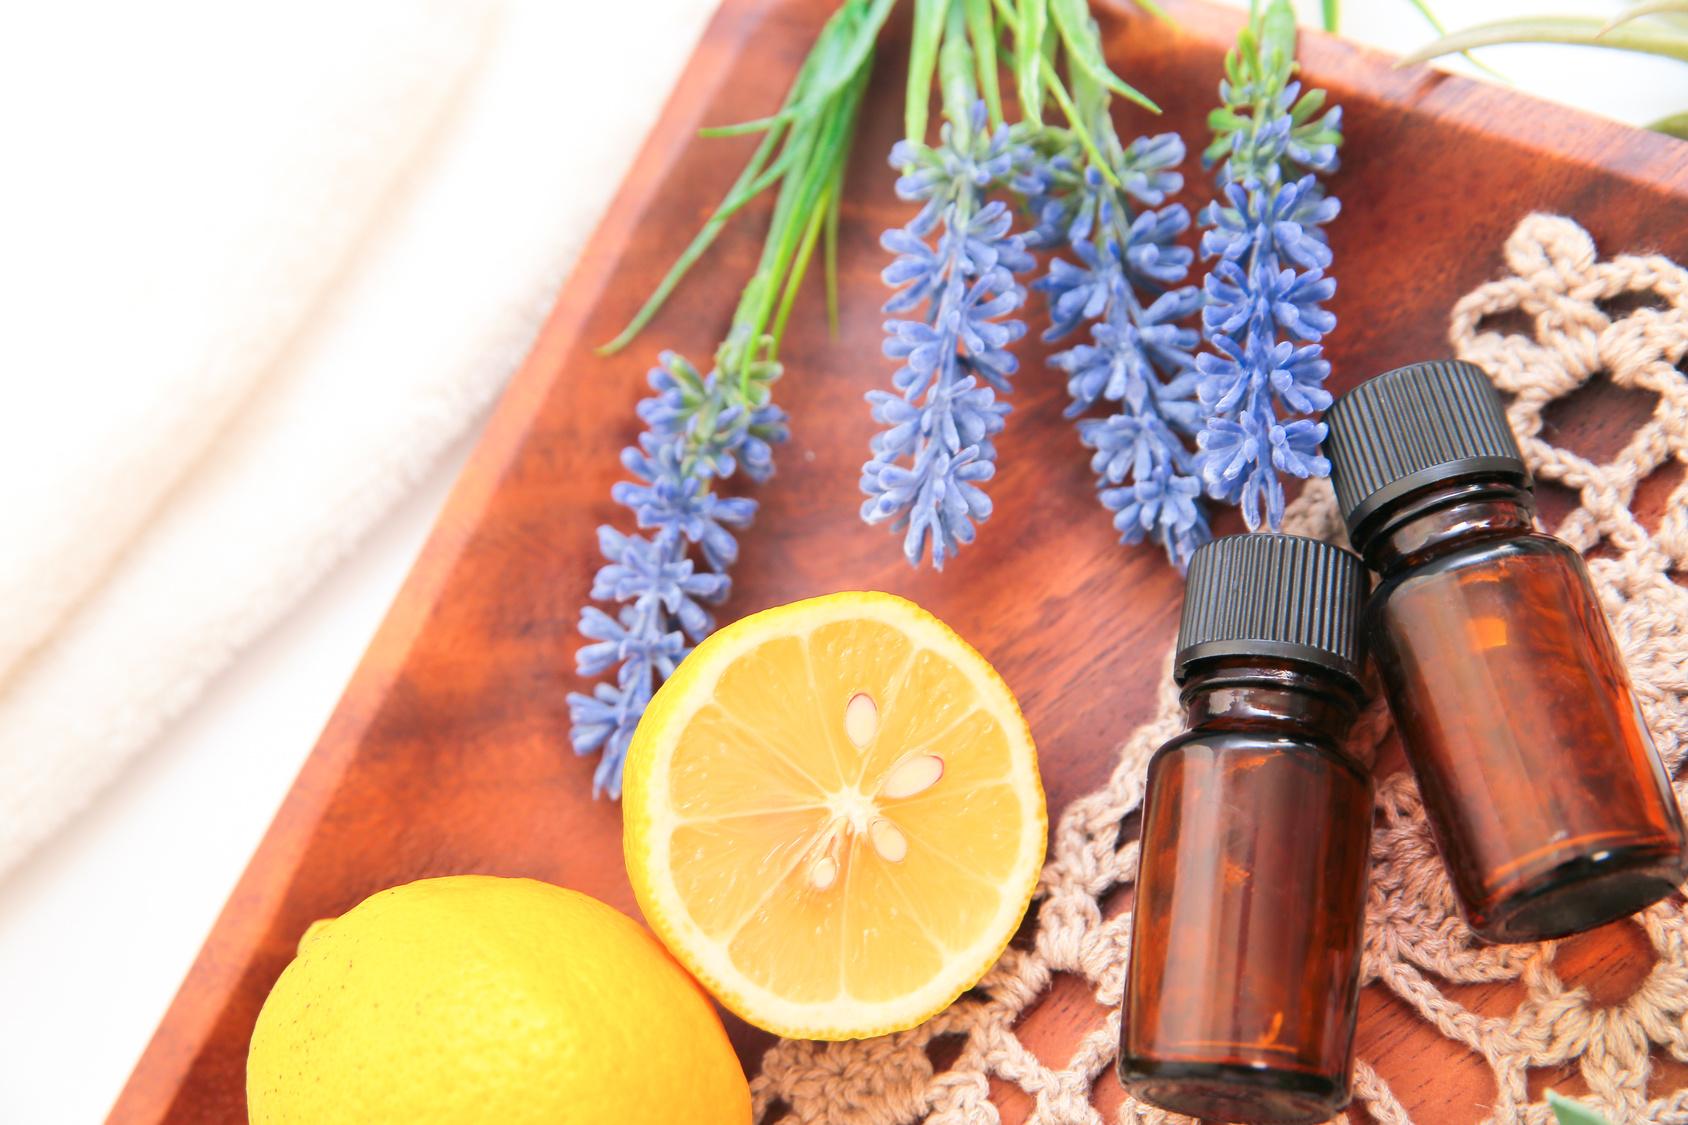 Le bien-être grâce à l'aromathérapie !